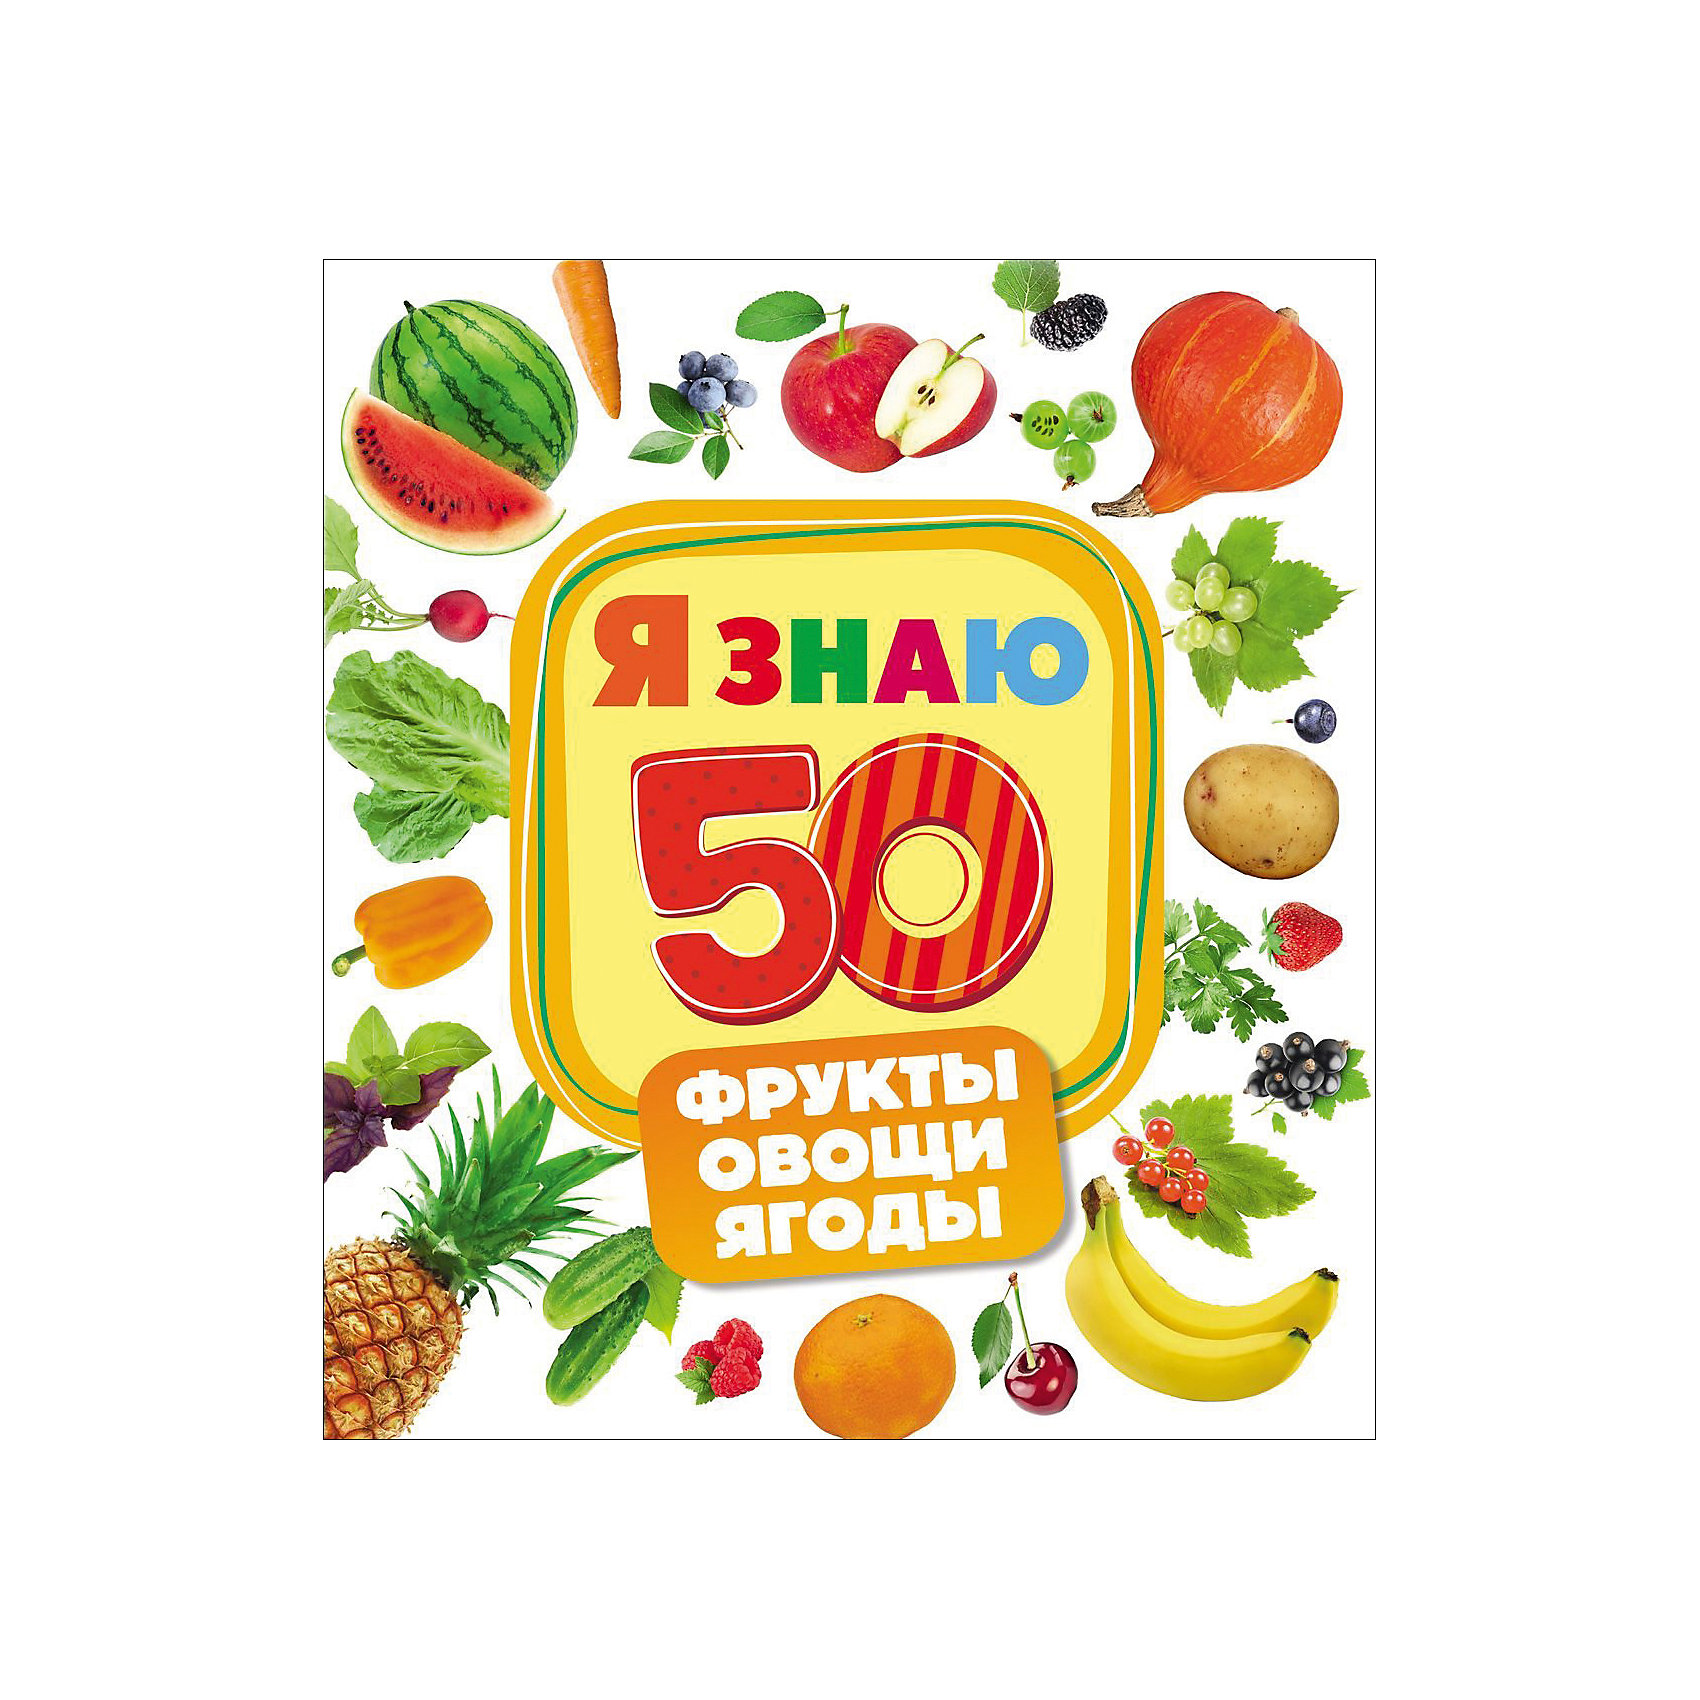 Я знаю Фрукты, овощи, ягодыПервые книги малыша<br>Характеристики товара:<br><br>- цвет: разноцветный;<br>- материал: бумага;<br>- страниц: 10;<br>- формат: 22 х 25 см;<br>- обложка: картон;<br>- развивающая. <br><br>Издания серии Я знаю - отличный способ занять ребенка! Эта красочная книга станет отличным подарком для родителей и малыша. Она содержит в себе интересные задания и яркие картинки, которые так любят дети. Отличный способ привить малышу любовь к занятиям и начать обучение! Методика такого обучения в игровой форме разработана опытными специалистами и опробована множеством родителей.<br>Чтение, выполнение простых заданий и рассматривание картинок помогает ребенку развивать память, концентрацию внимания и воображение. Издание произведено из качественных материалов, которые безопасны даже для самых маленьких.<br><br>Издание Я знаю Фрукты, овощи, ягоды от компании Росмэн можно купить в нашем интернет-магазине.<br><br>Ширина мм: 248<br>Глубина мм: 225<br>Высота мм: 7<br>Вес г: 279<br>Возраст от месяцев: 0<br>Возраст до месяцев: 36<br>Пол: Унисекс<br>Возраст: Детский<br>SKU: 5110314